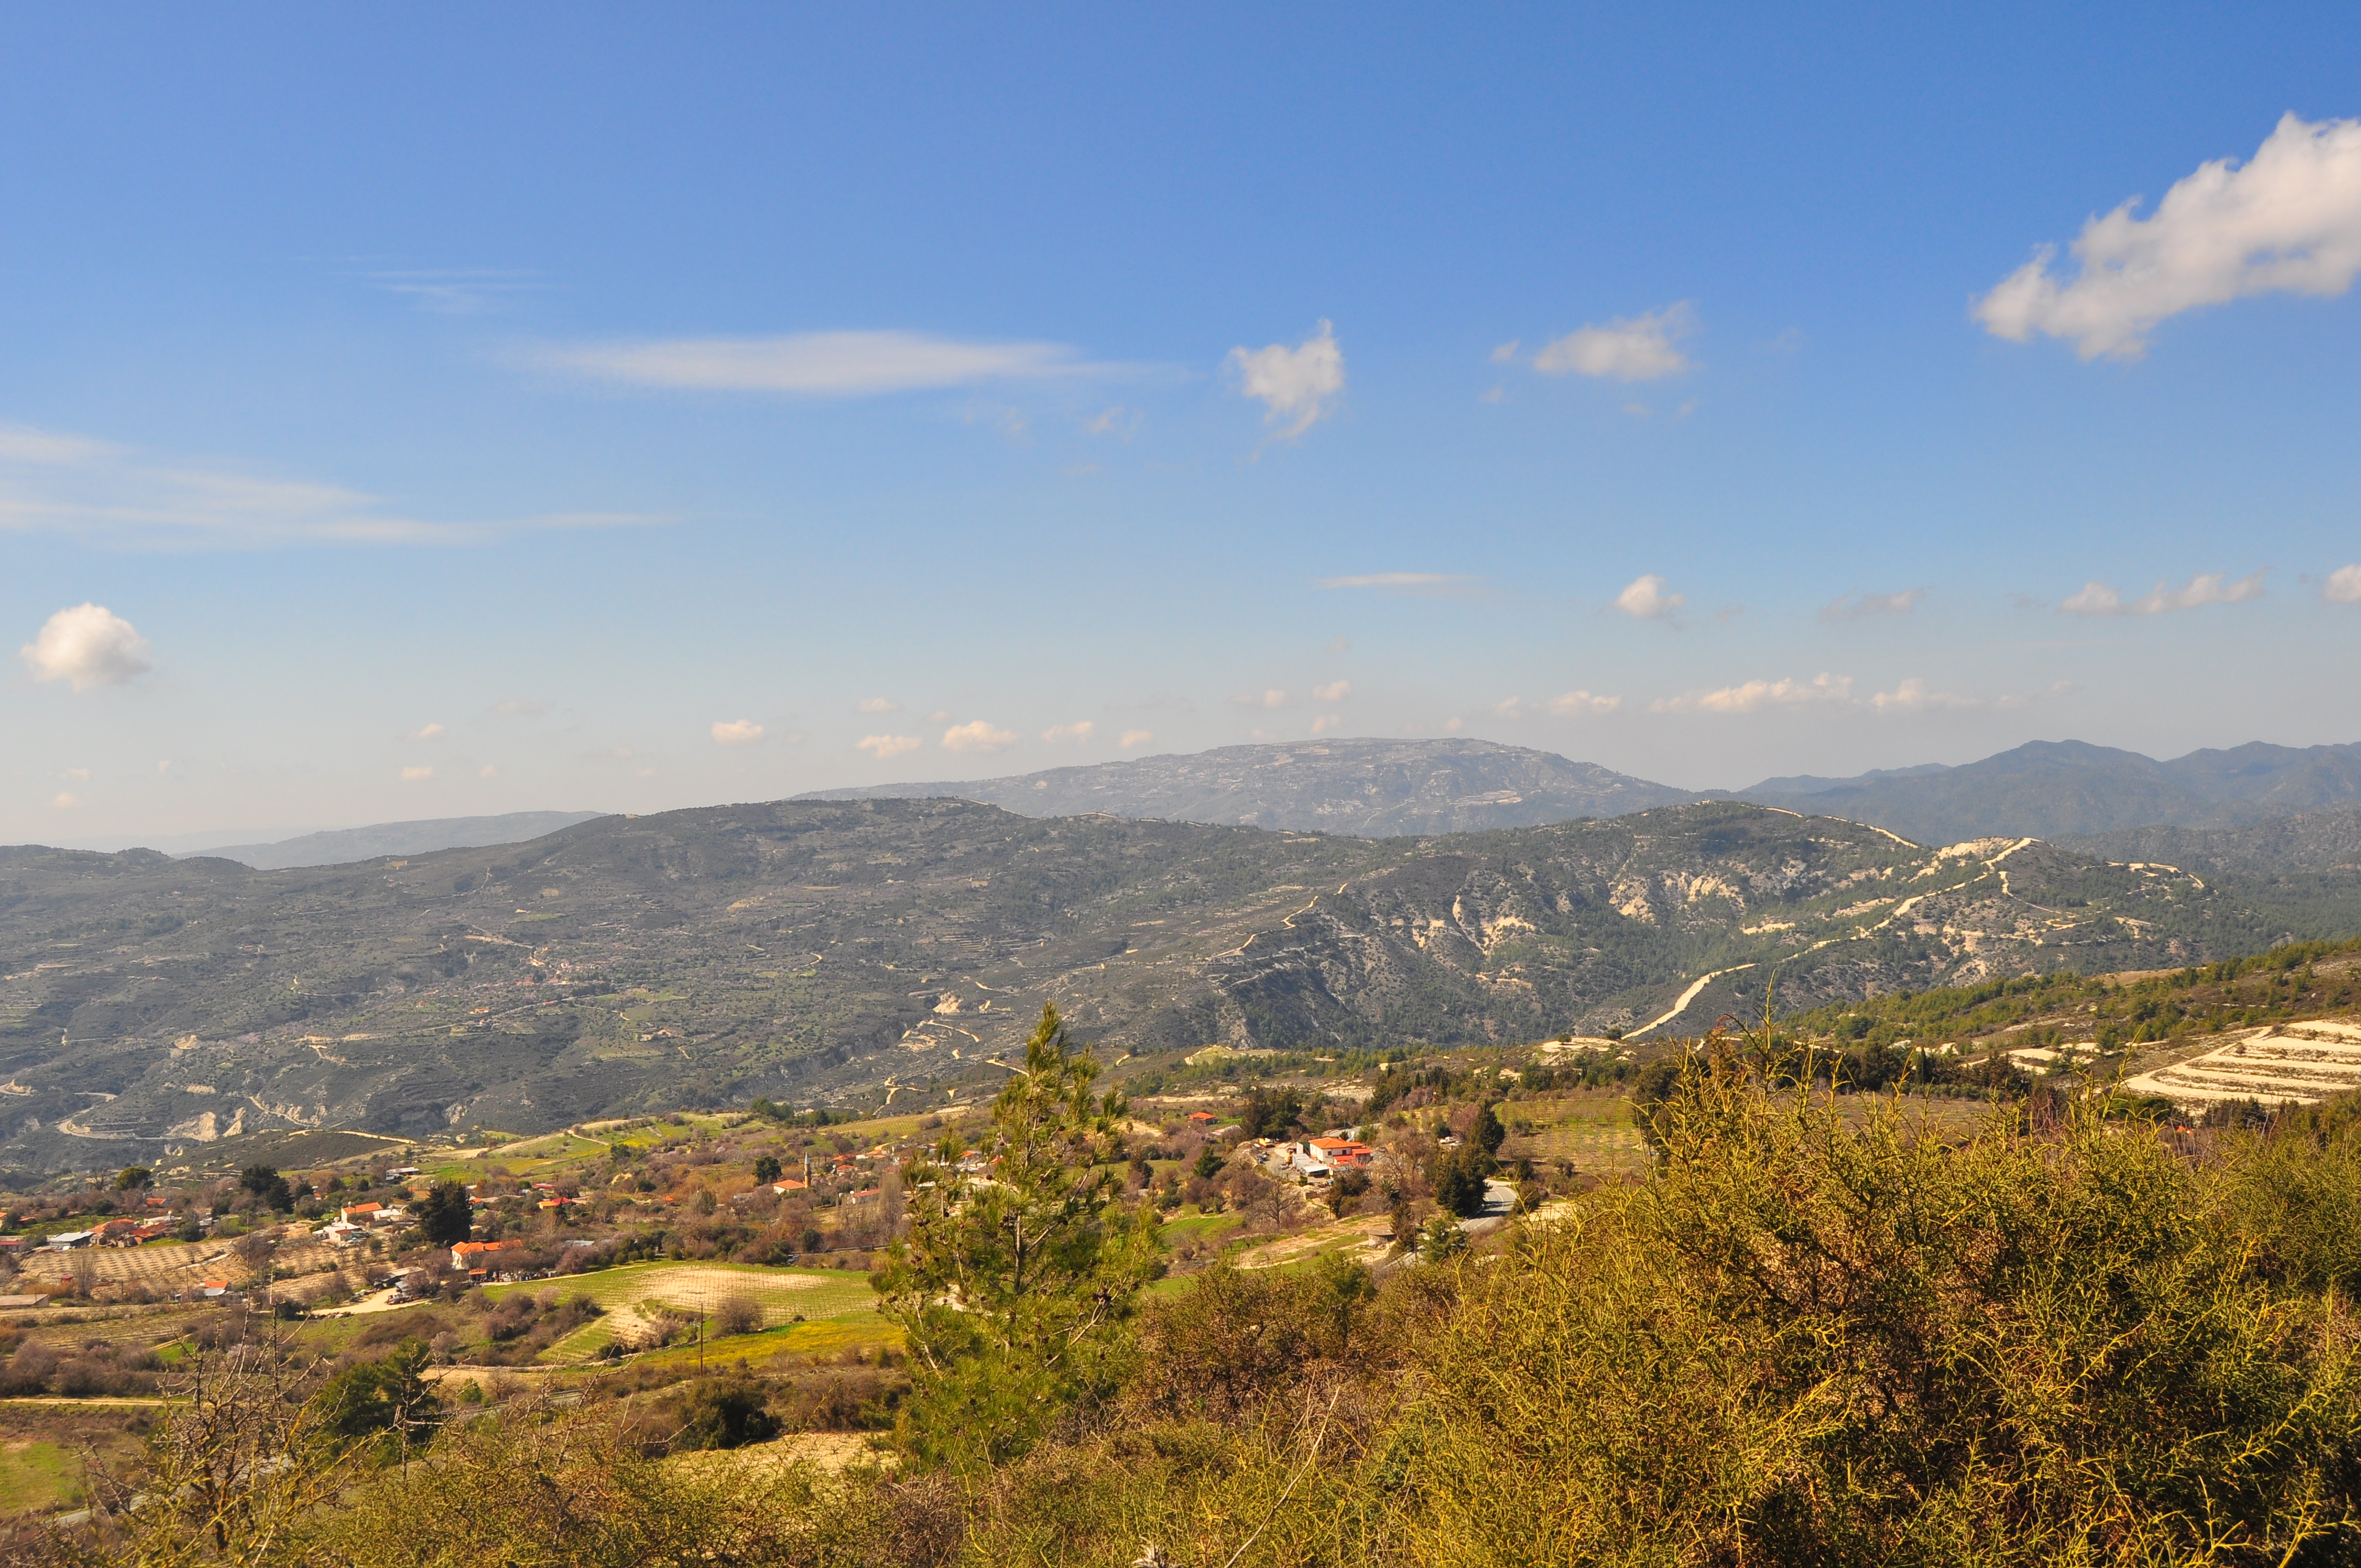 În drum spre satul Omodos. Paphos